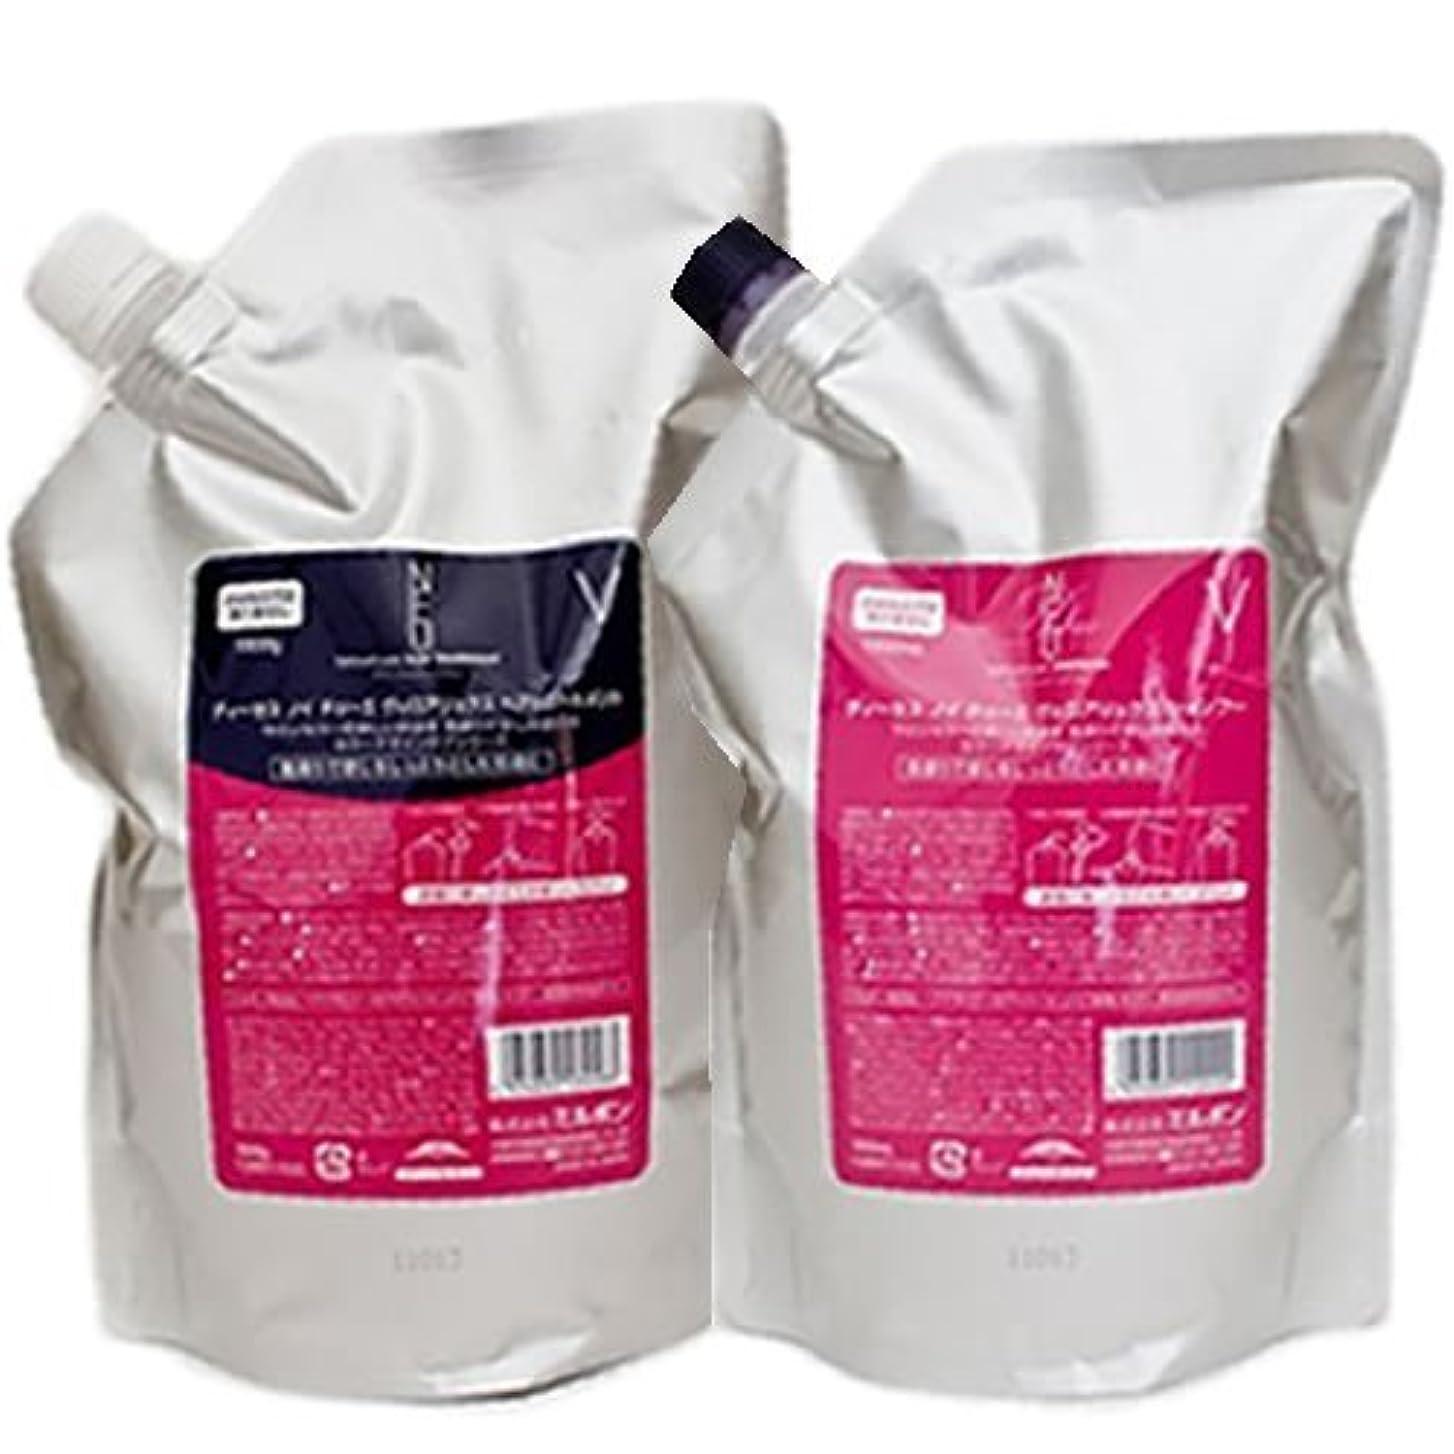 シビック知恵紫のミルボン ディーセス ノイ ドゥーエ milbon ヴェロア シャンプー <1000mL>&トリートメント<1000g>詰め替え セット